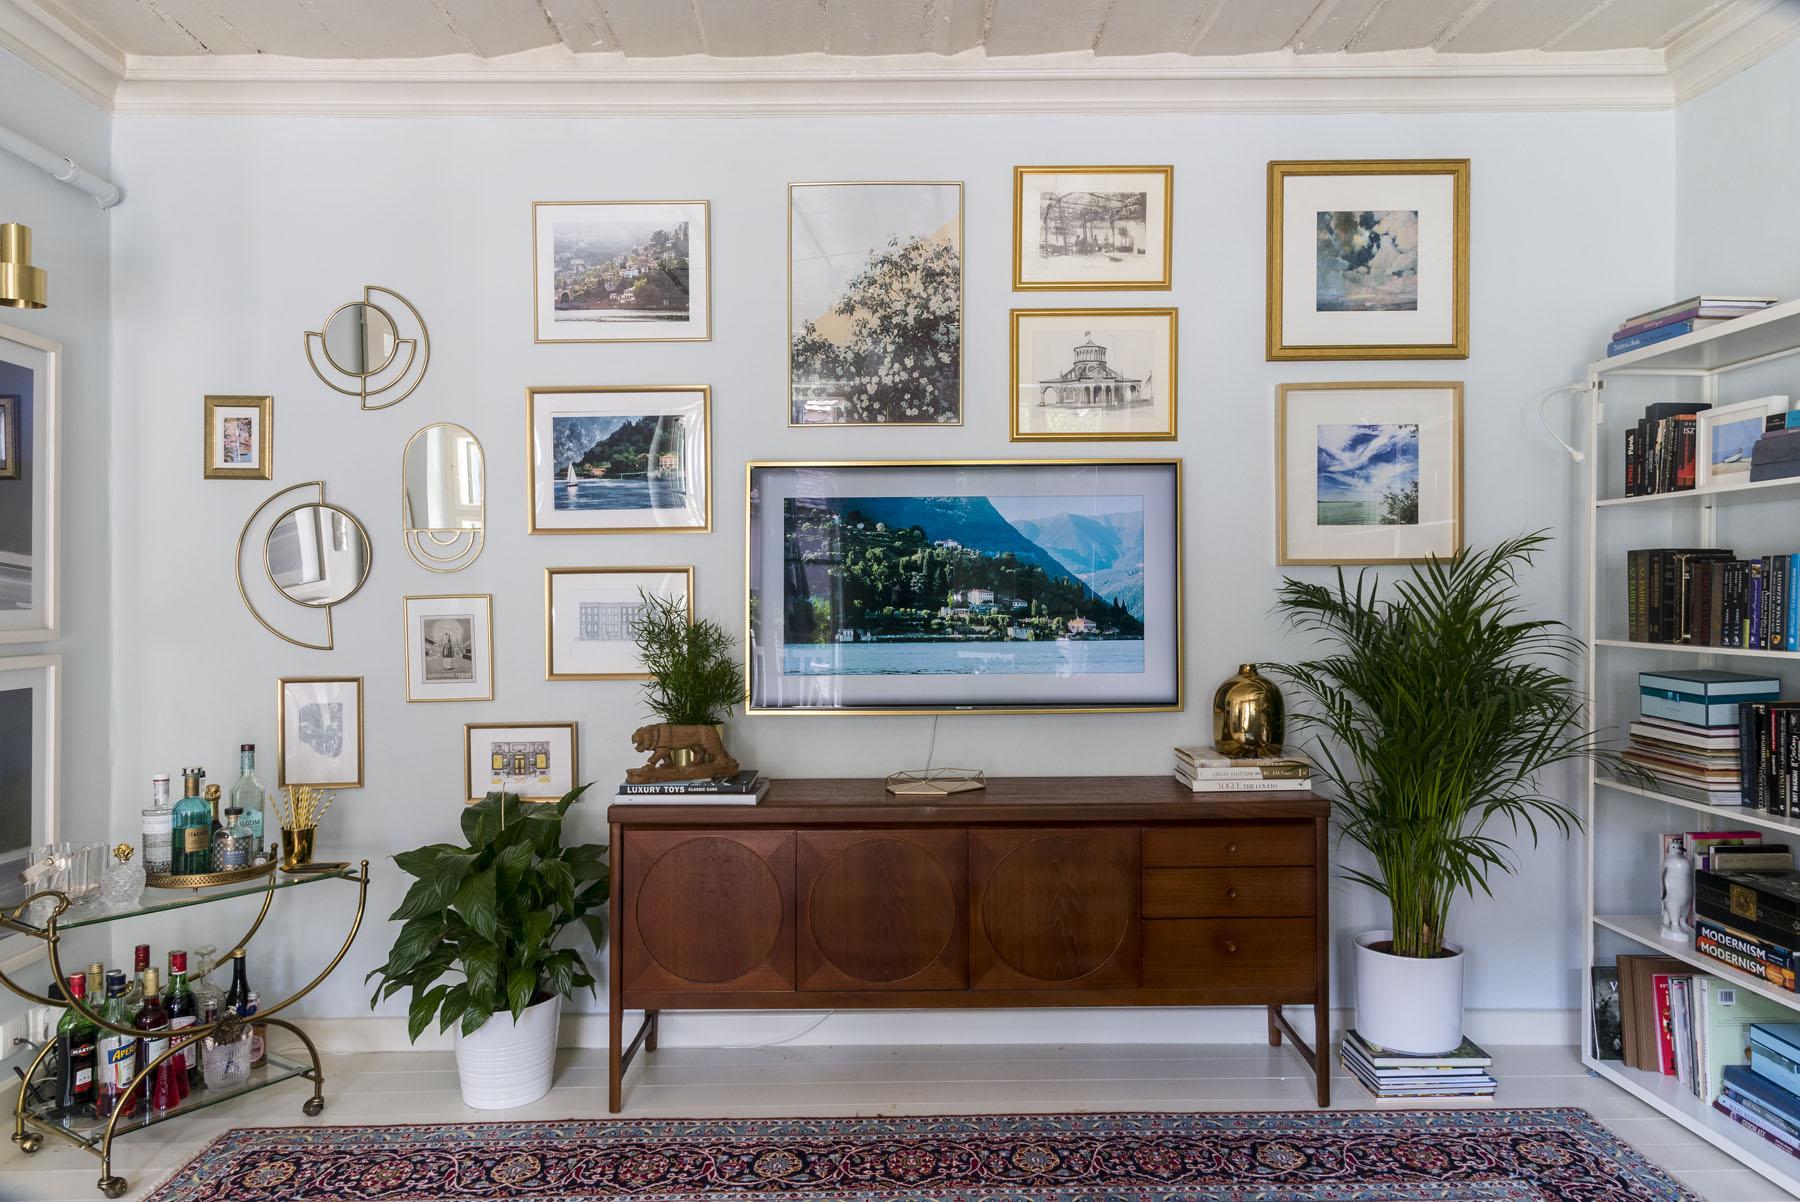 Modern-klasszikus eklektikus nappali / Kicsiház / Szentgyörgyi Kata